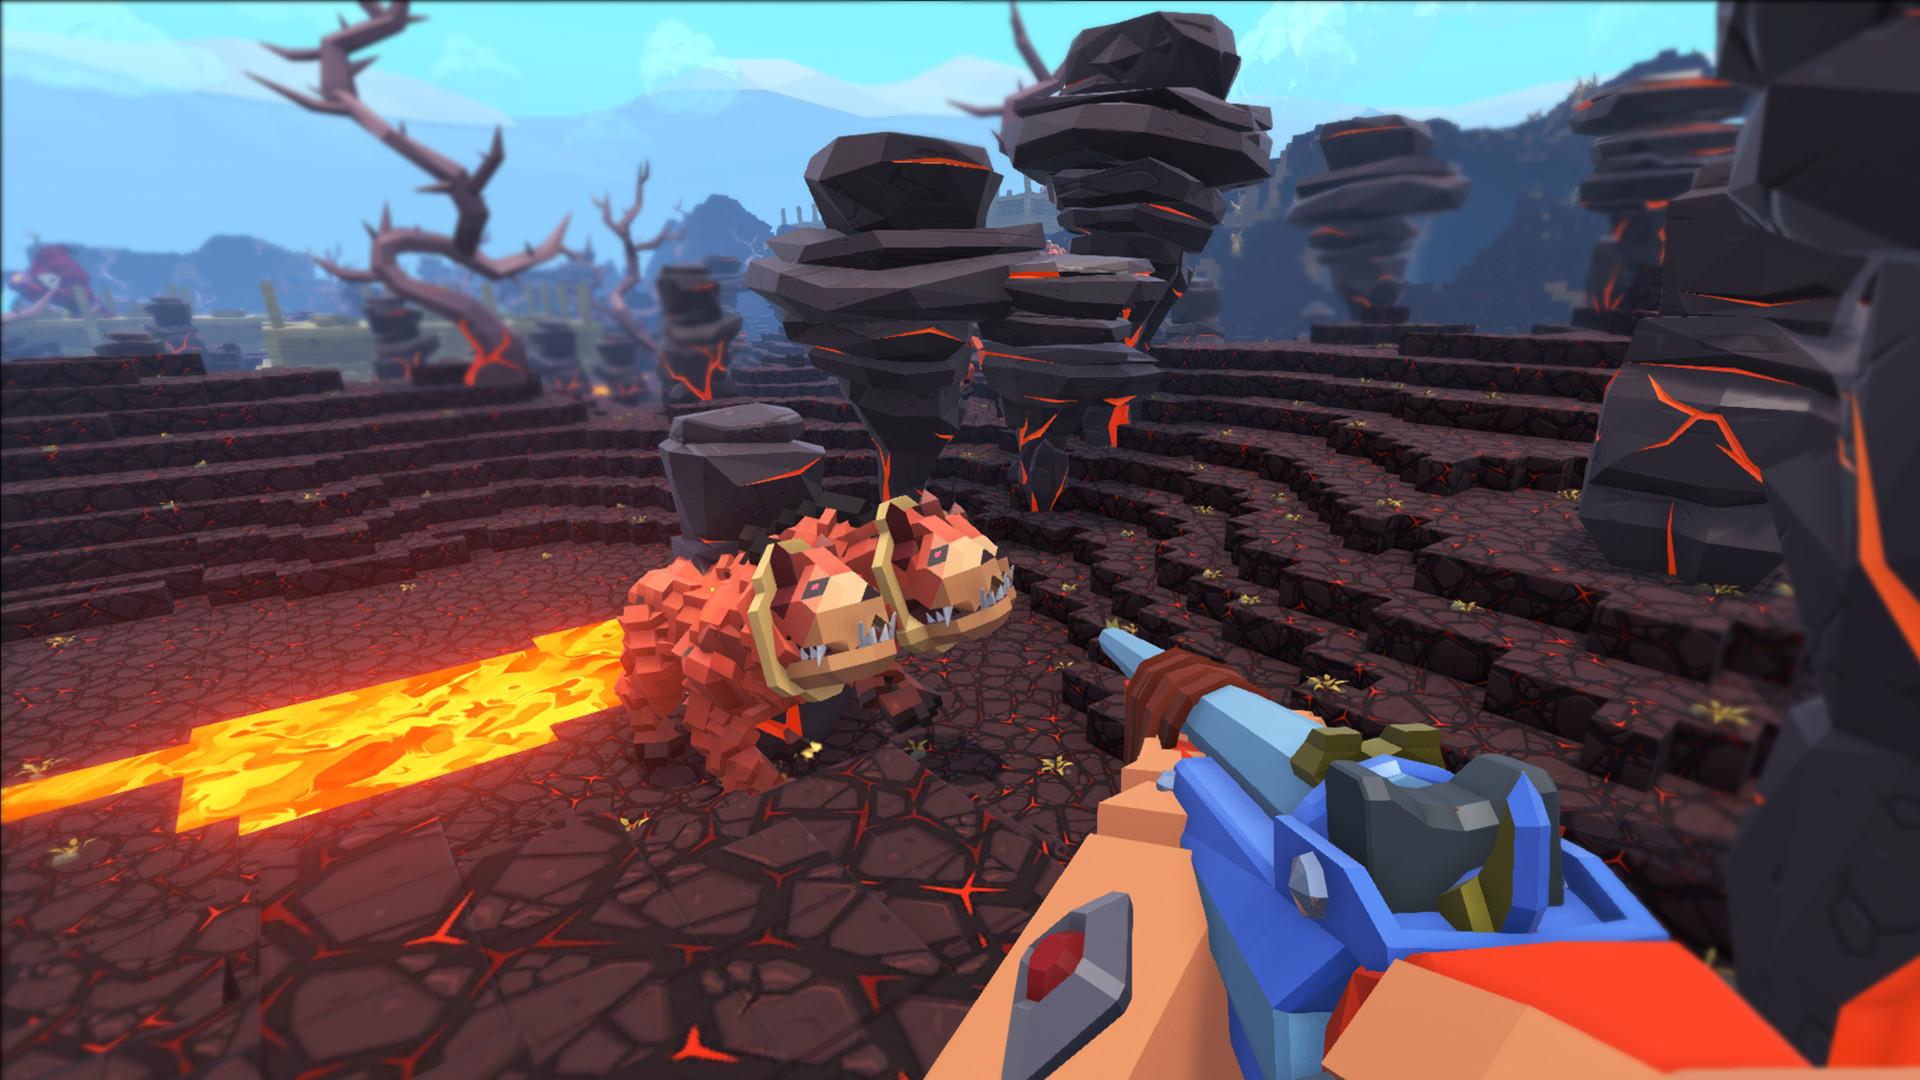 Скриншот игры PixARK v1.48 (0.1.0.366)